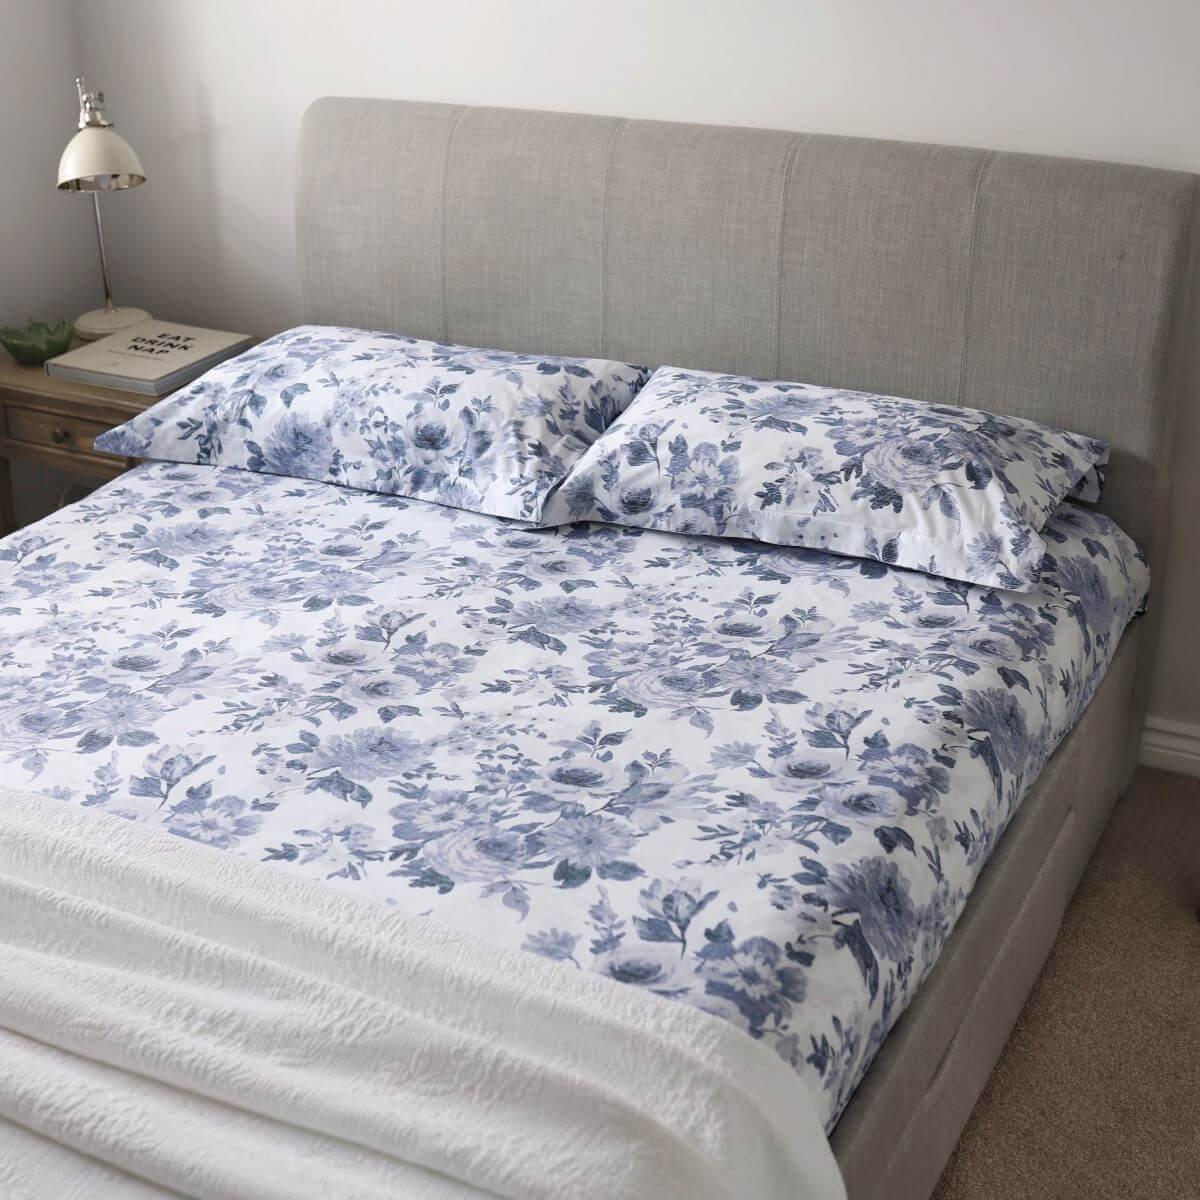 White/Blue 200TC Floral Cotton Single Duvet Cover